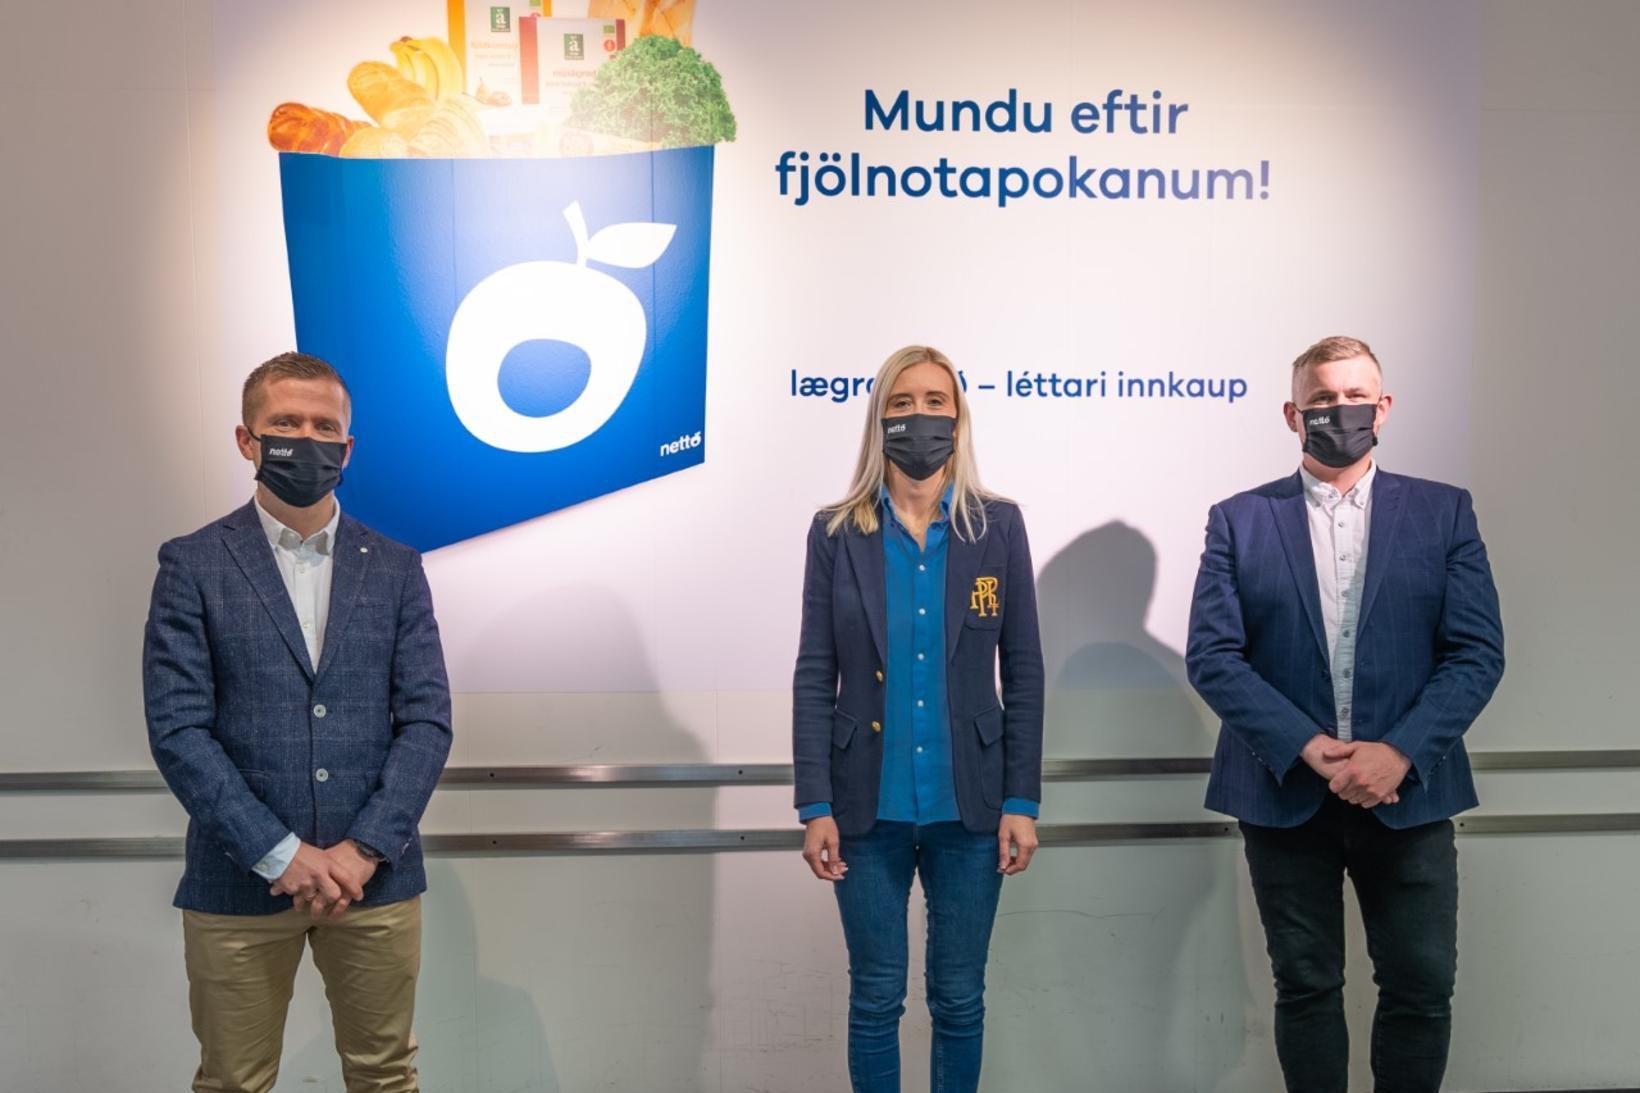 Matargjafir Akureyrar og nágrennis fékk eina milljón í styrk frá Nettó